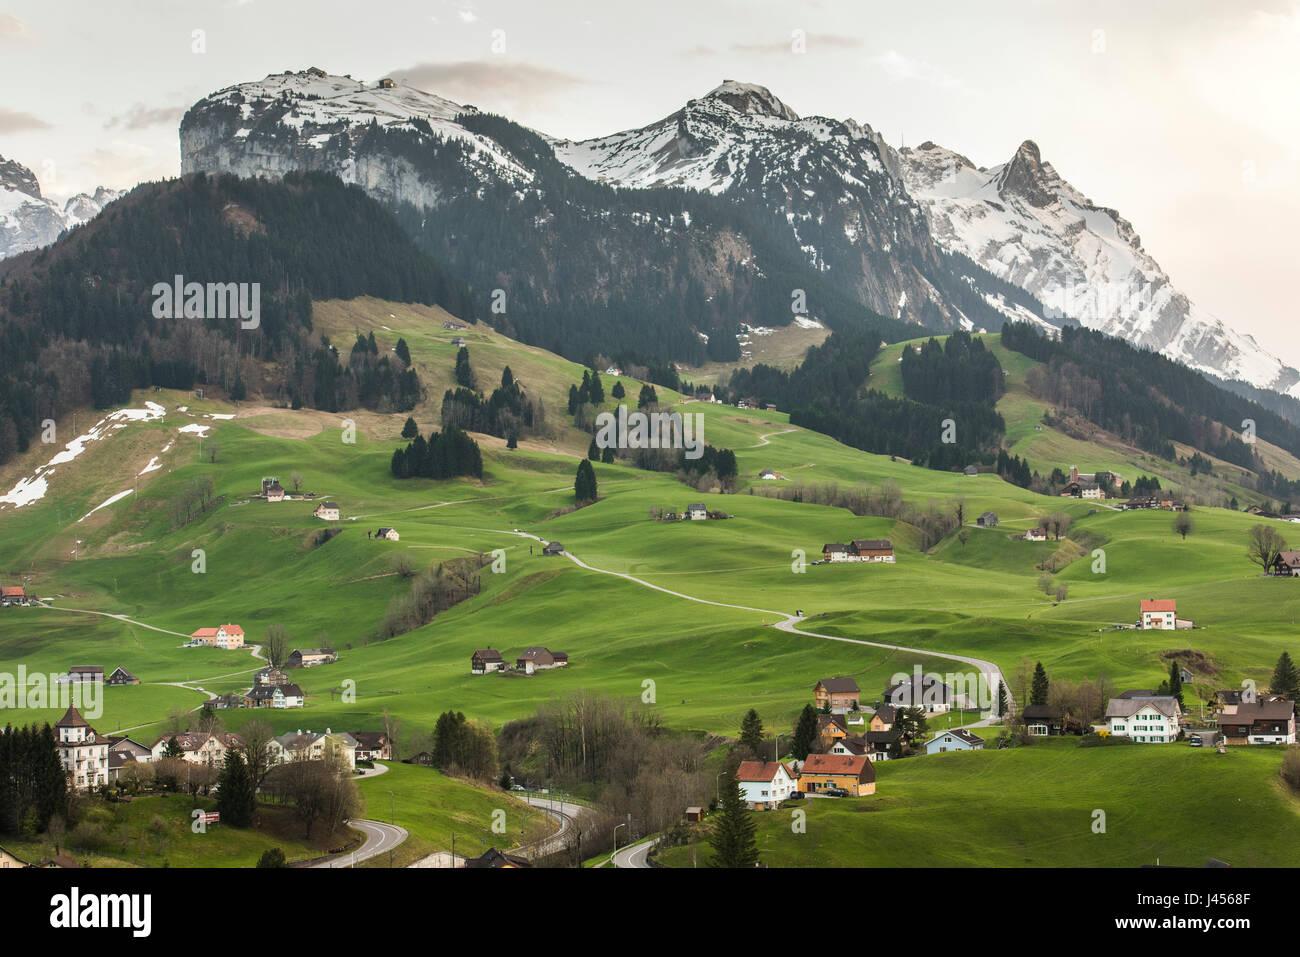 Blick auf die ländliche Landschaft des Gebiets rund um die Schweizer Stadt Appenzell, Schweiz. Derek Hudson Stockbild